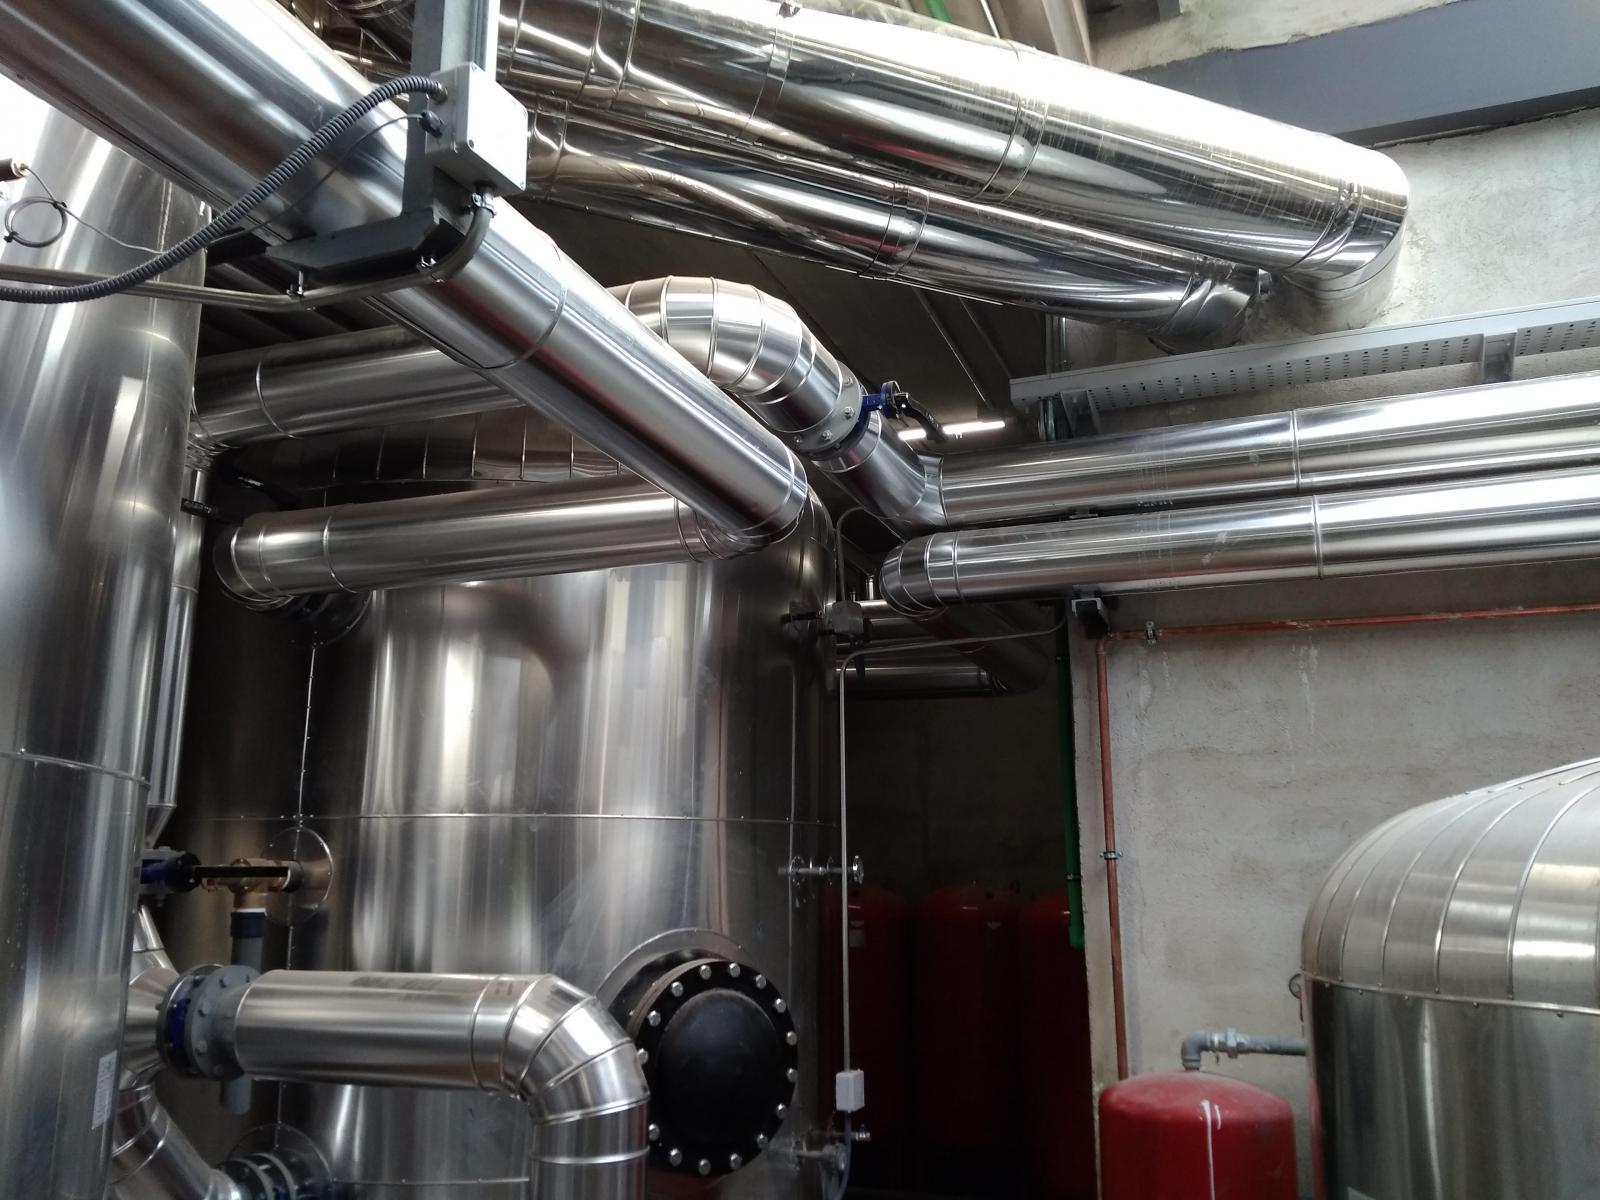 La Red de Calor con Biomasa de la Consejería de Presidencia en Valladolid suma nueve meses de funcionamiento con éxito